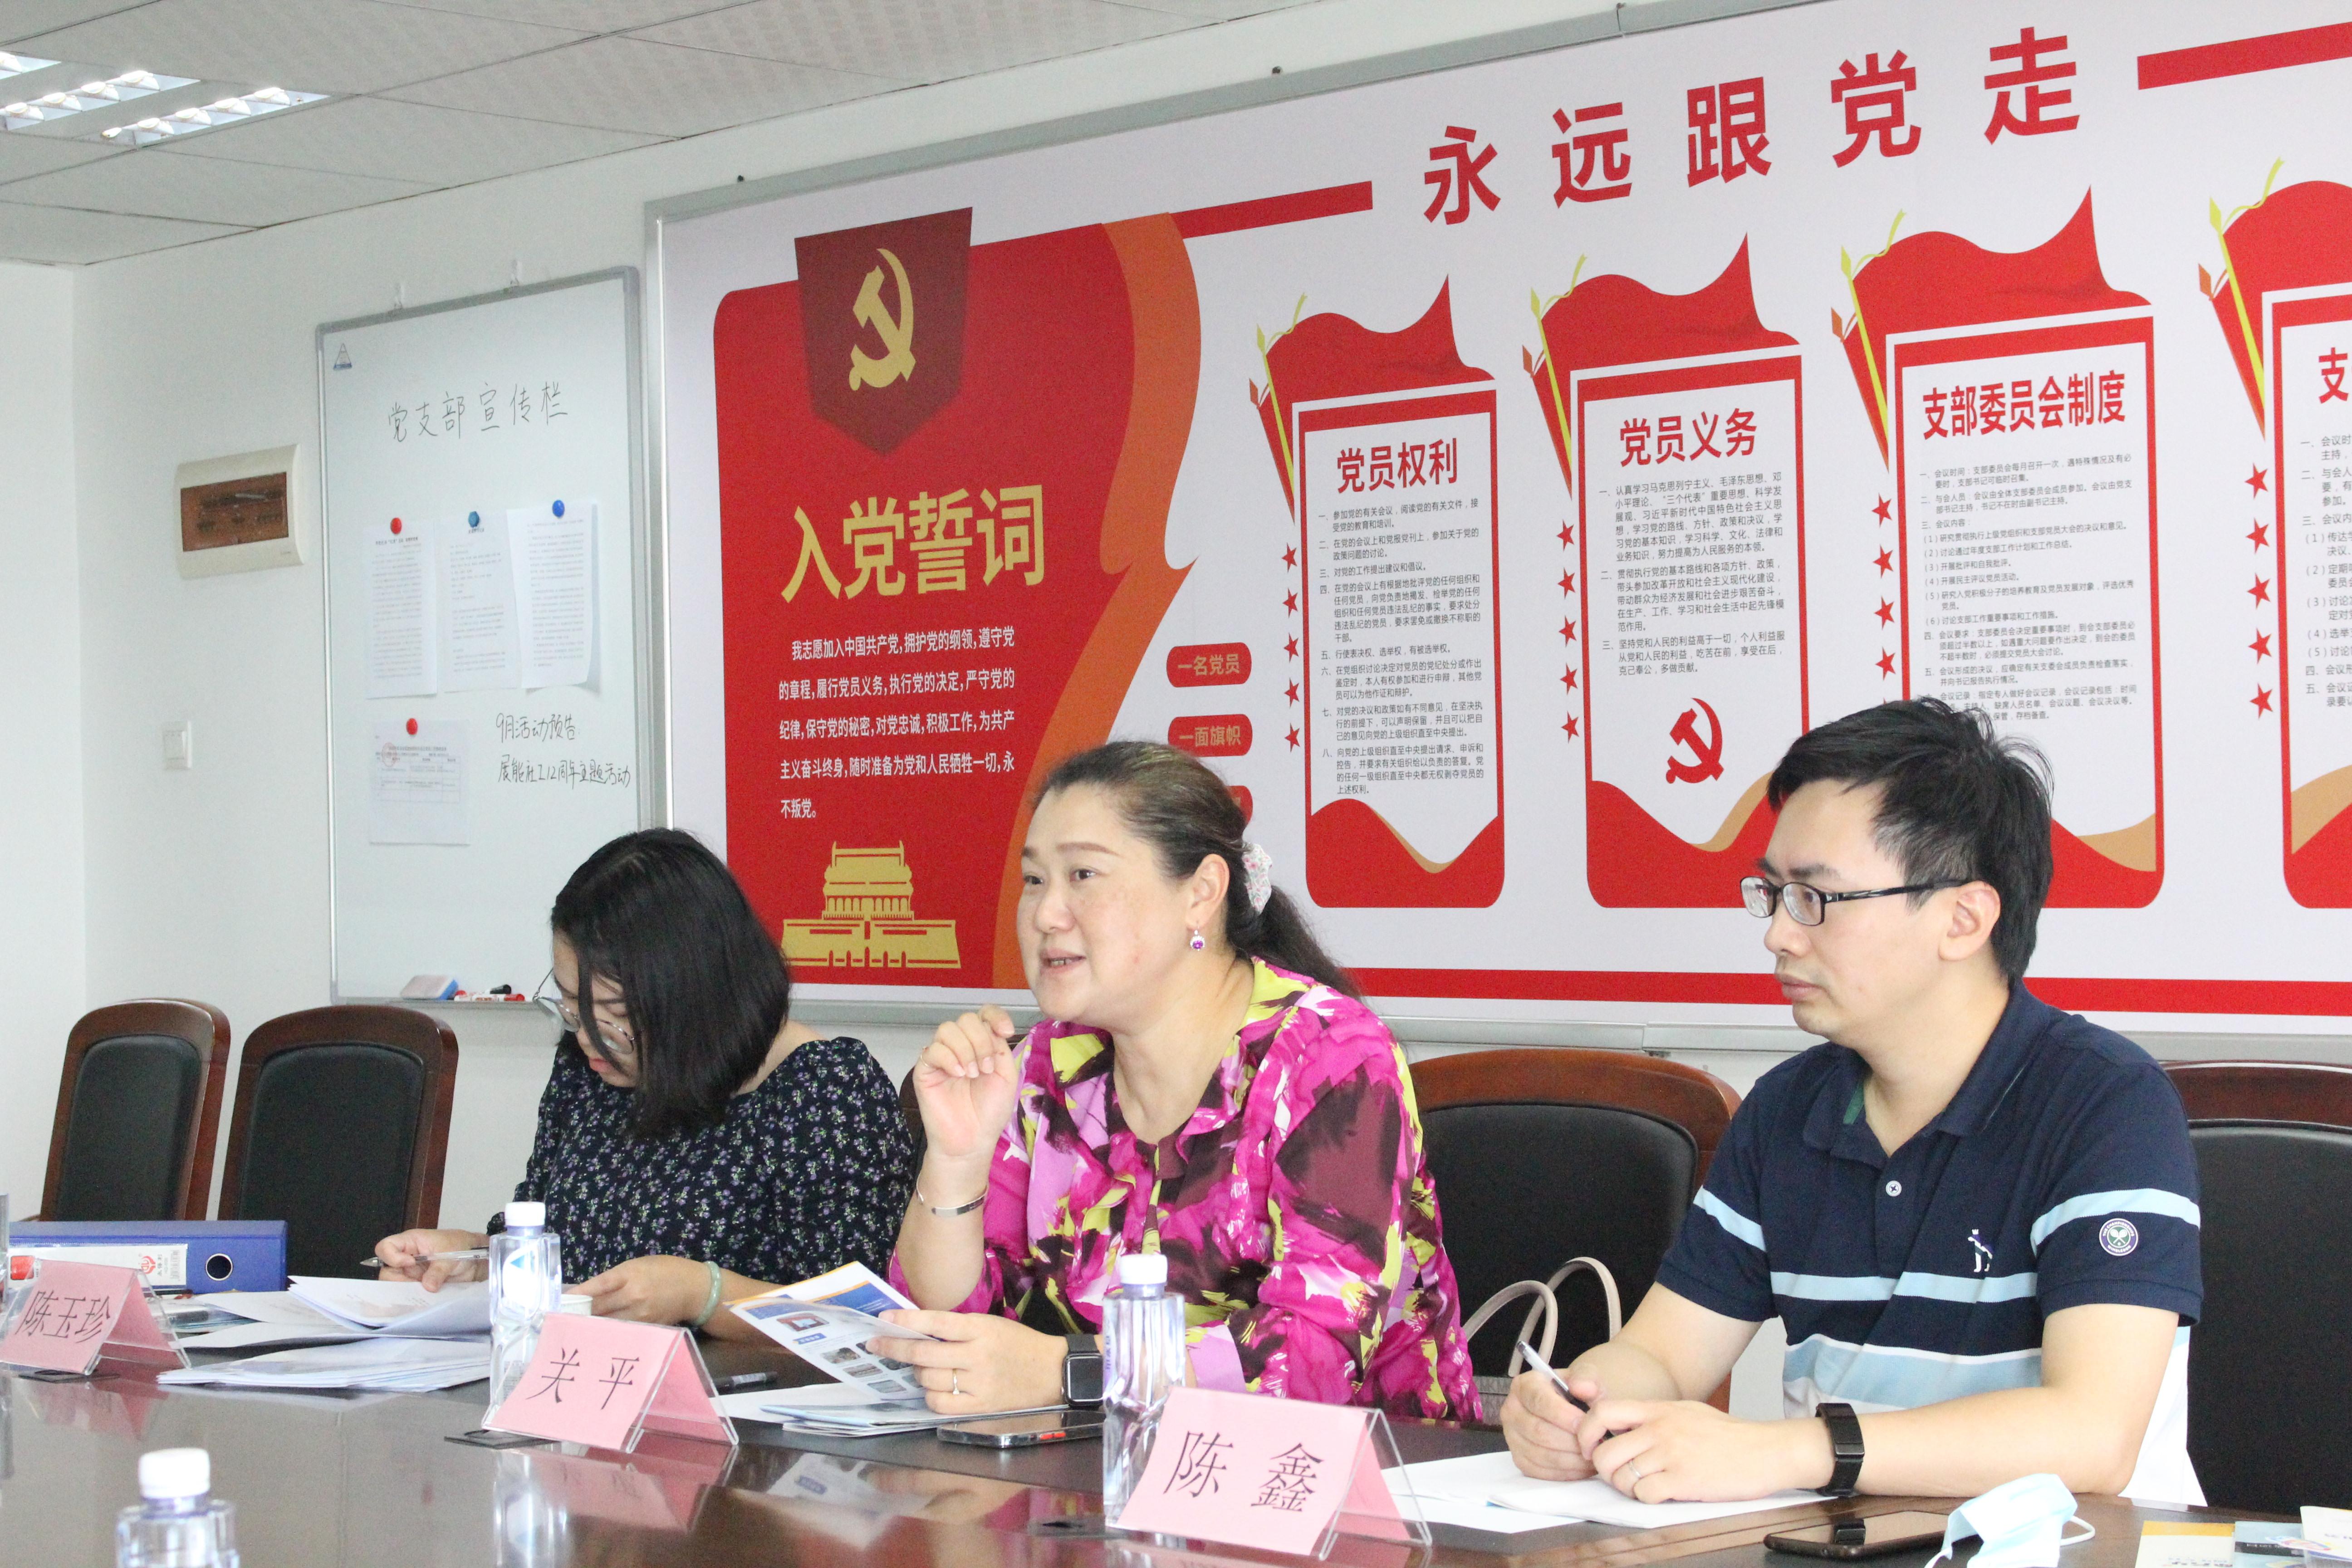 东莞市社会组织党委领导莅临展能党支部督查指导工作